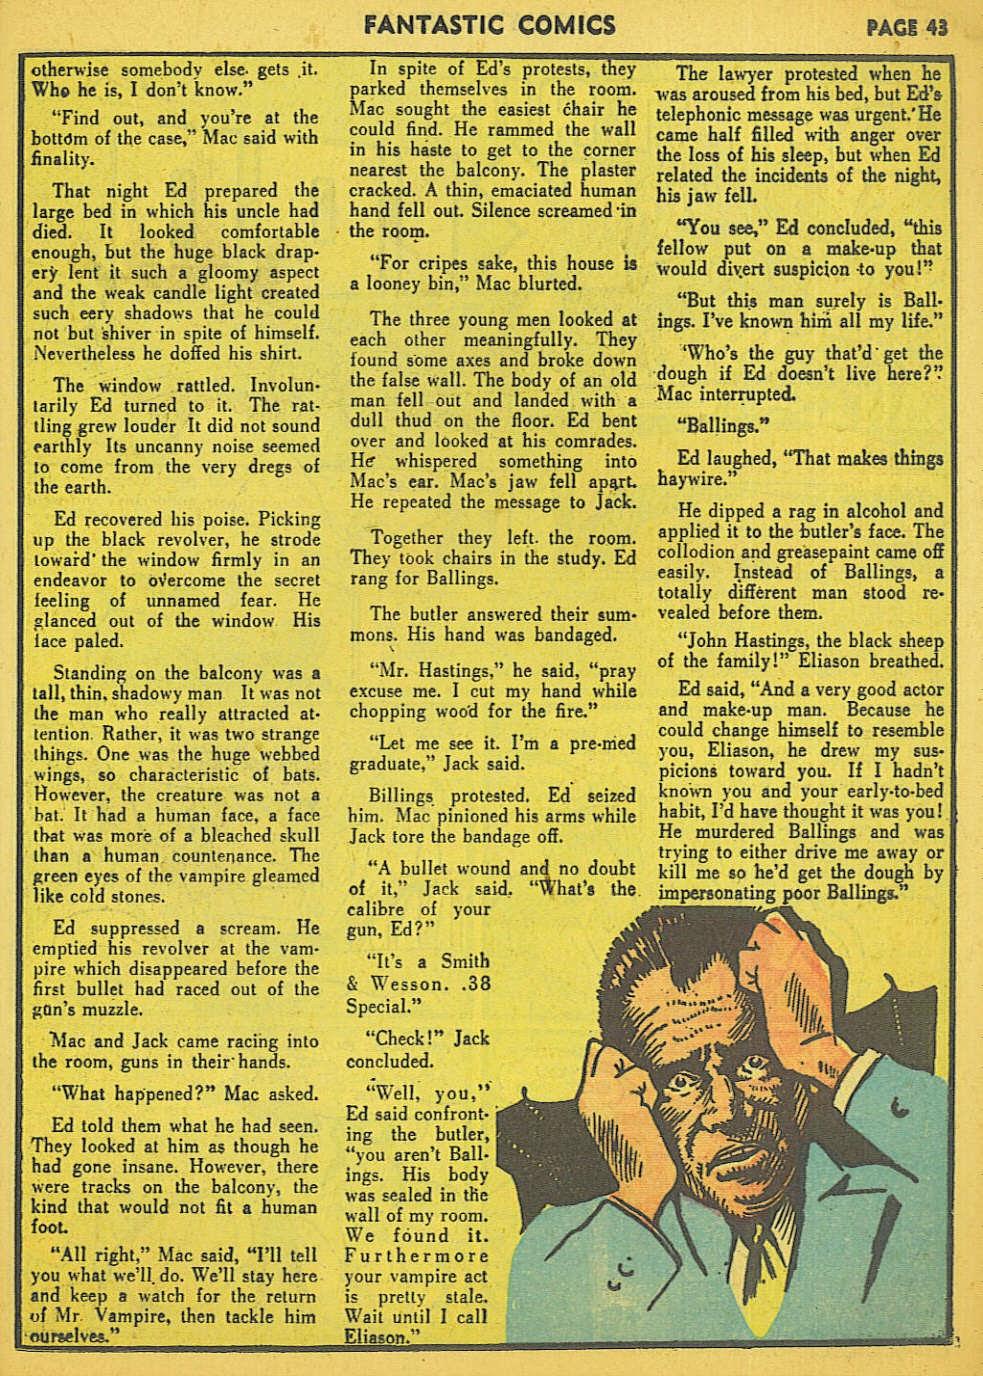 Read online Fantastic Comics comic -  Issue #15 - 37